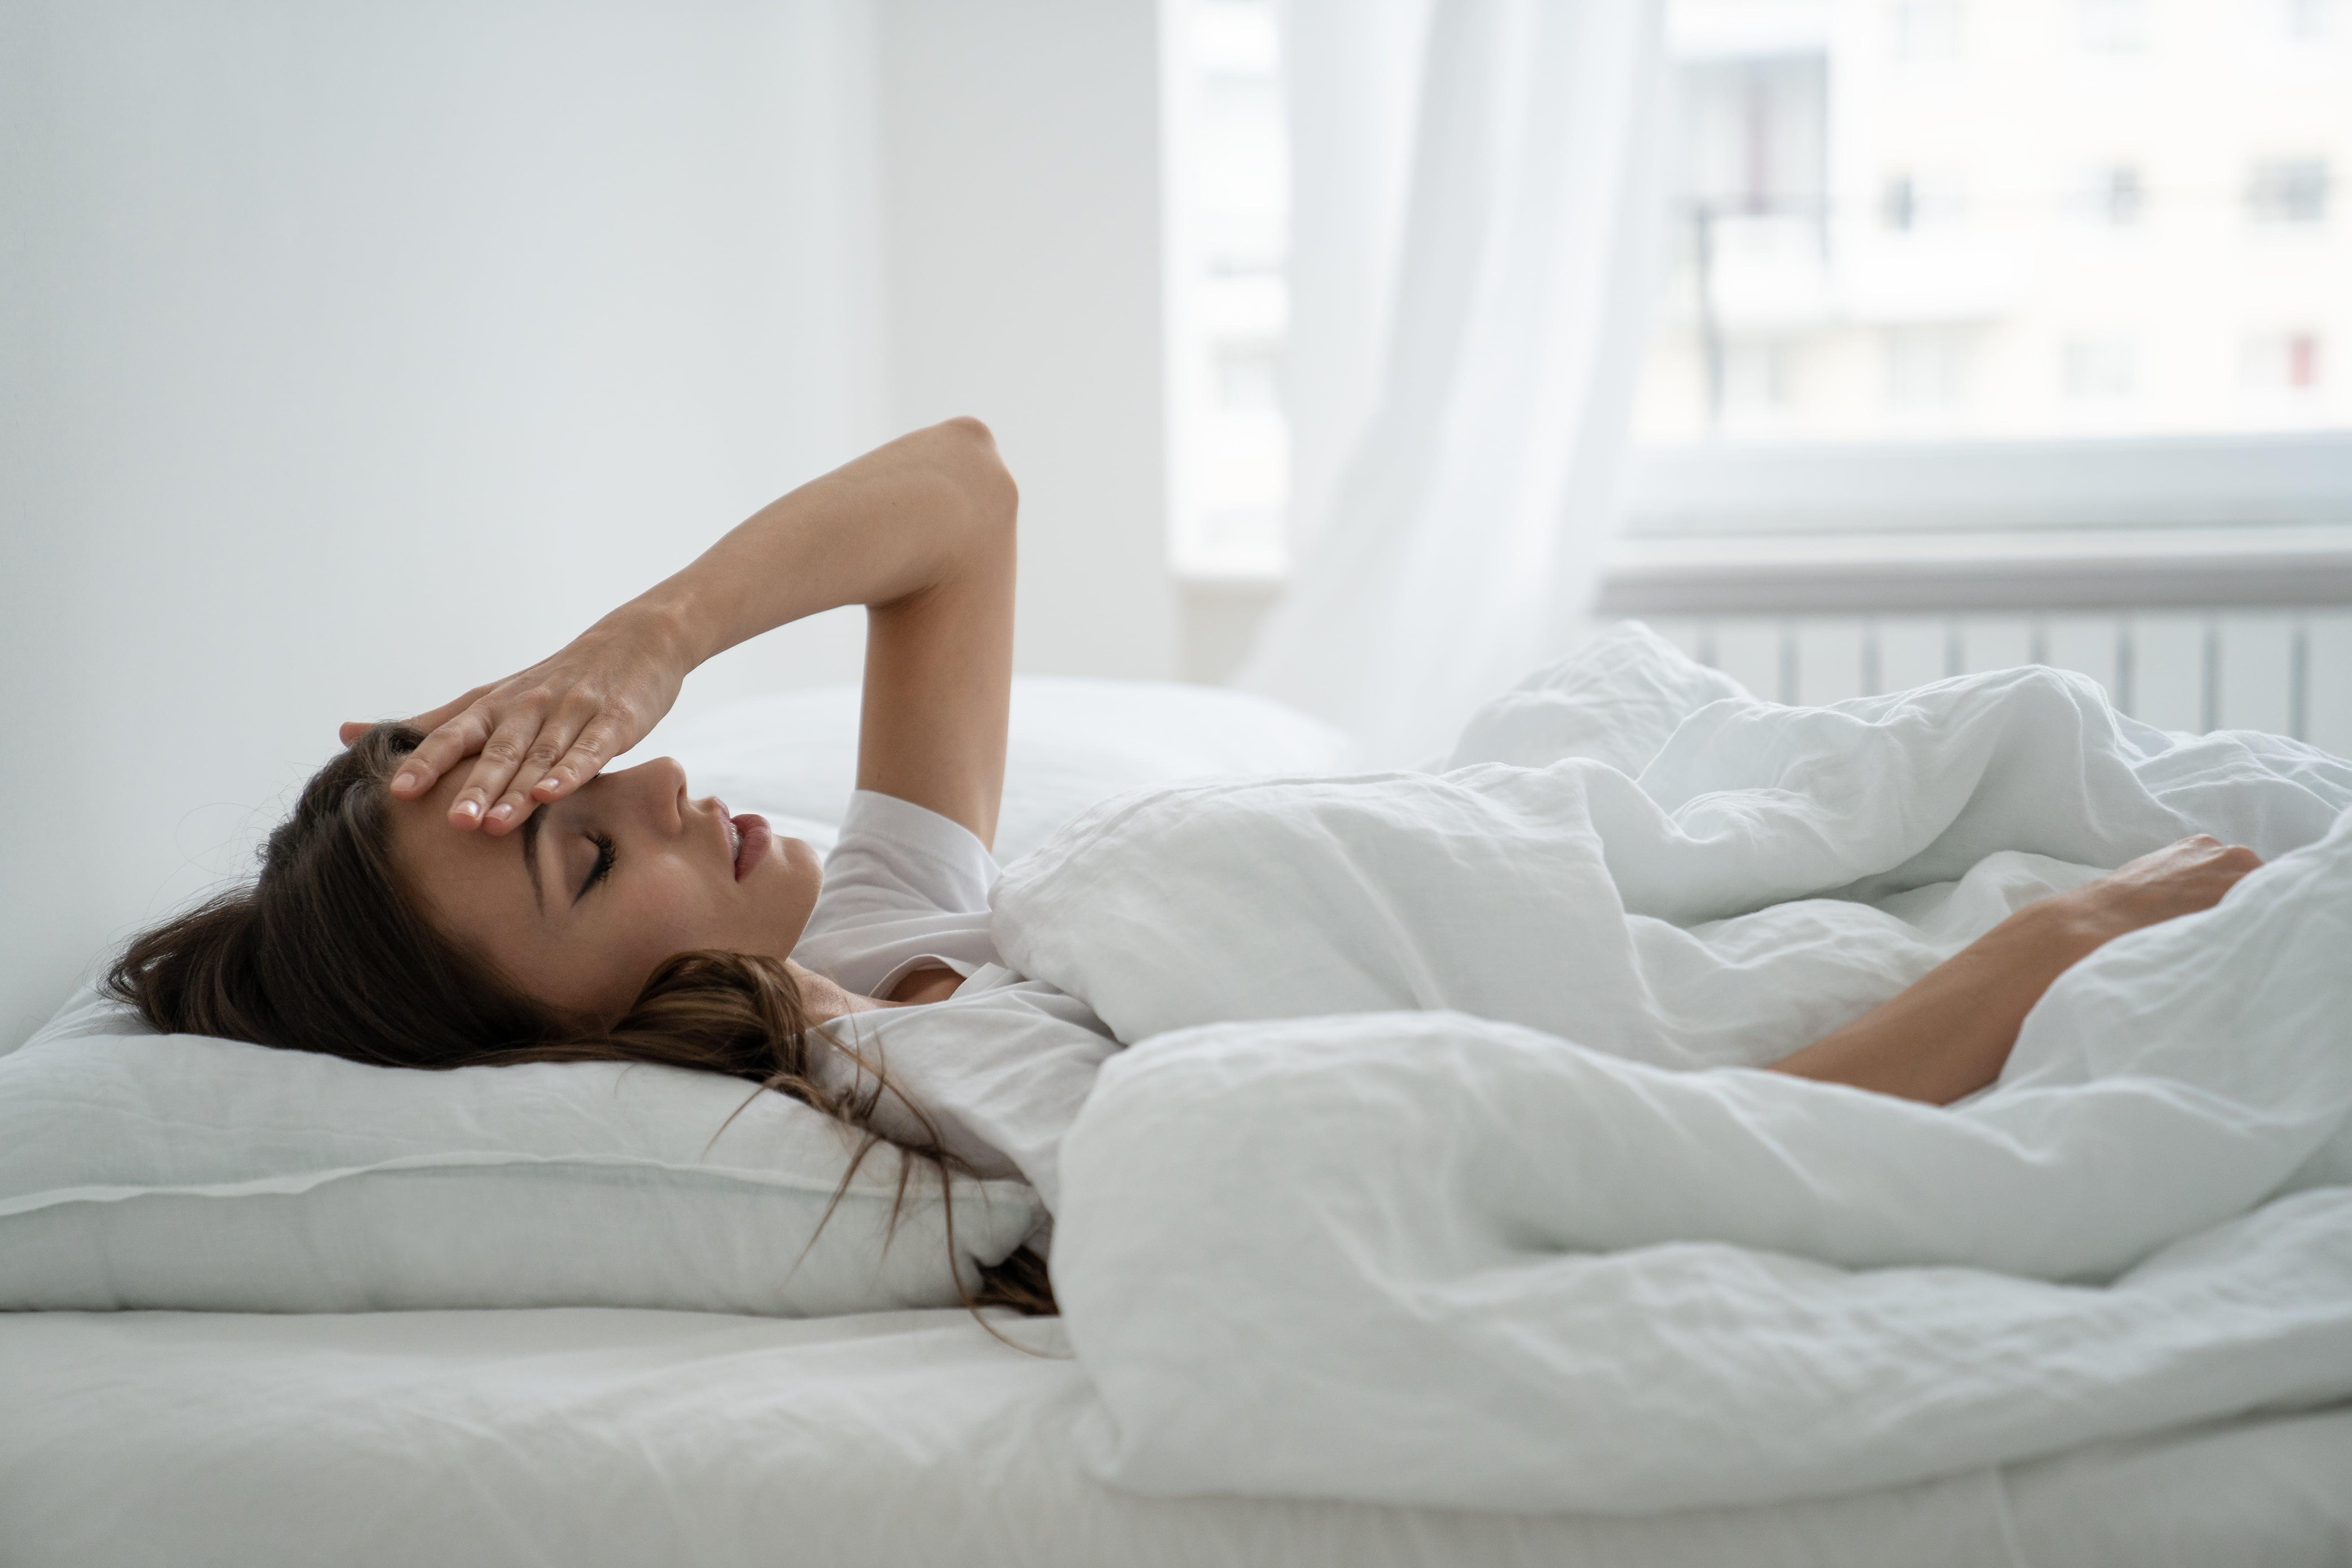 Kopfschmerzen und Müdigkeit als Anzeichen für Bluthochdruck